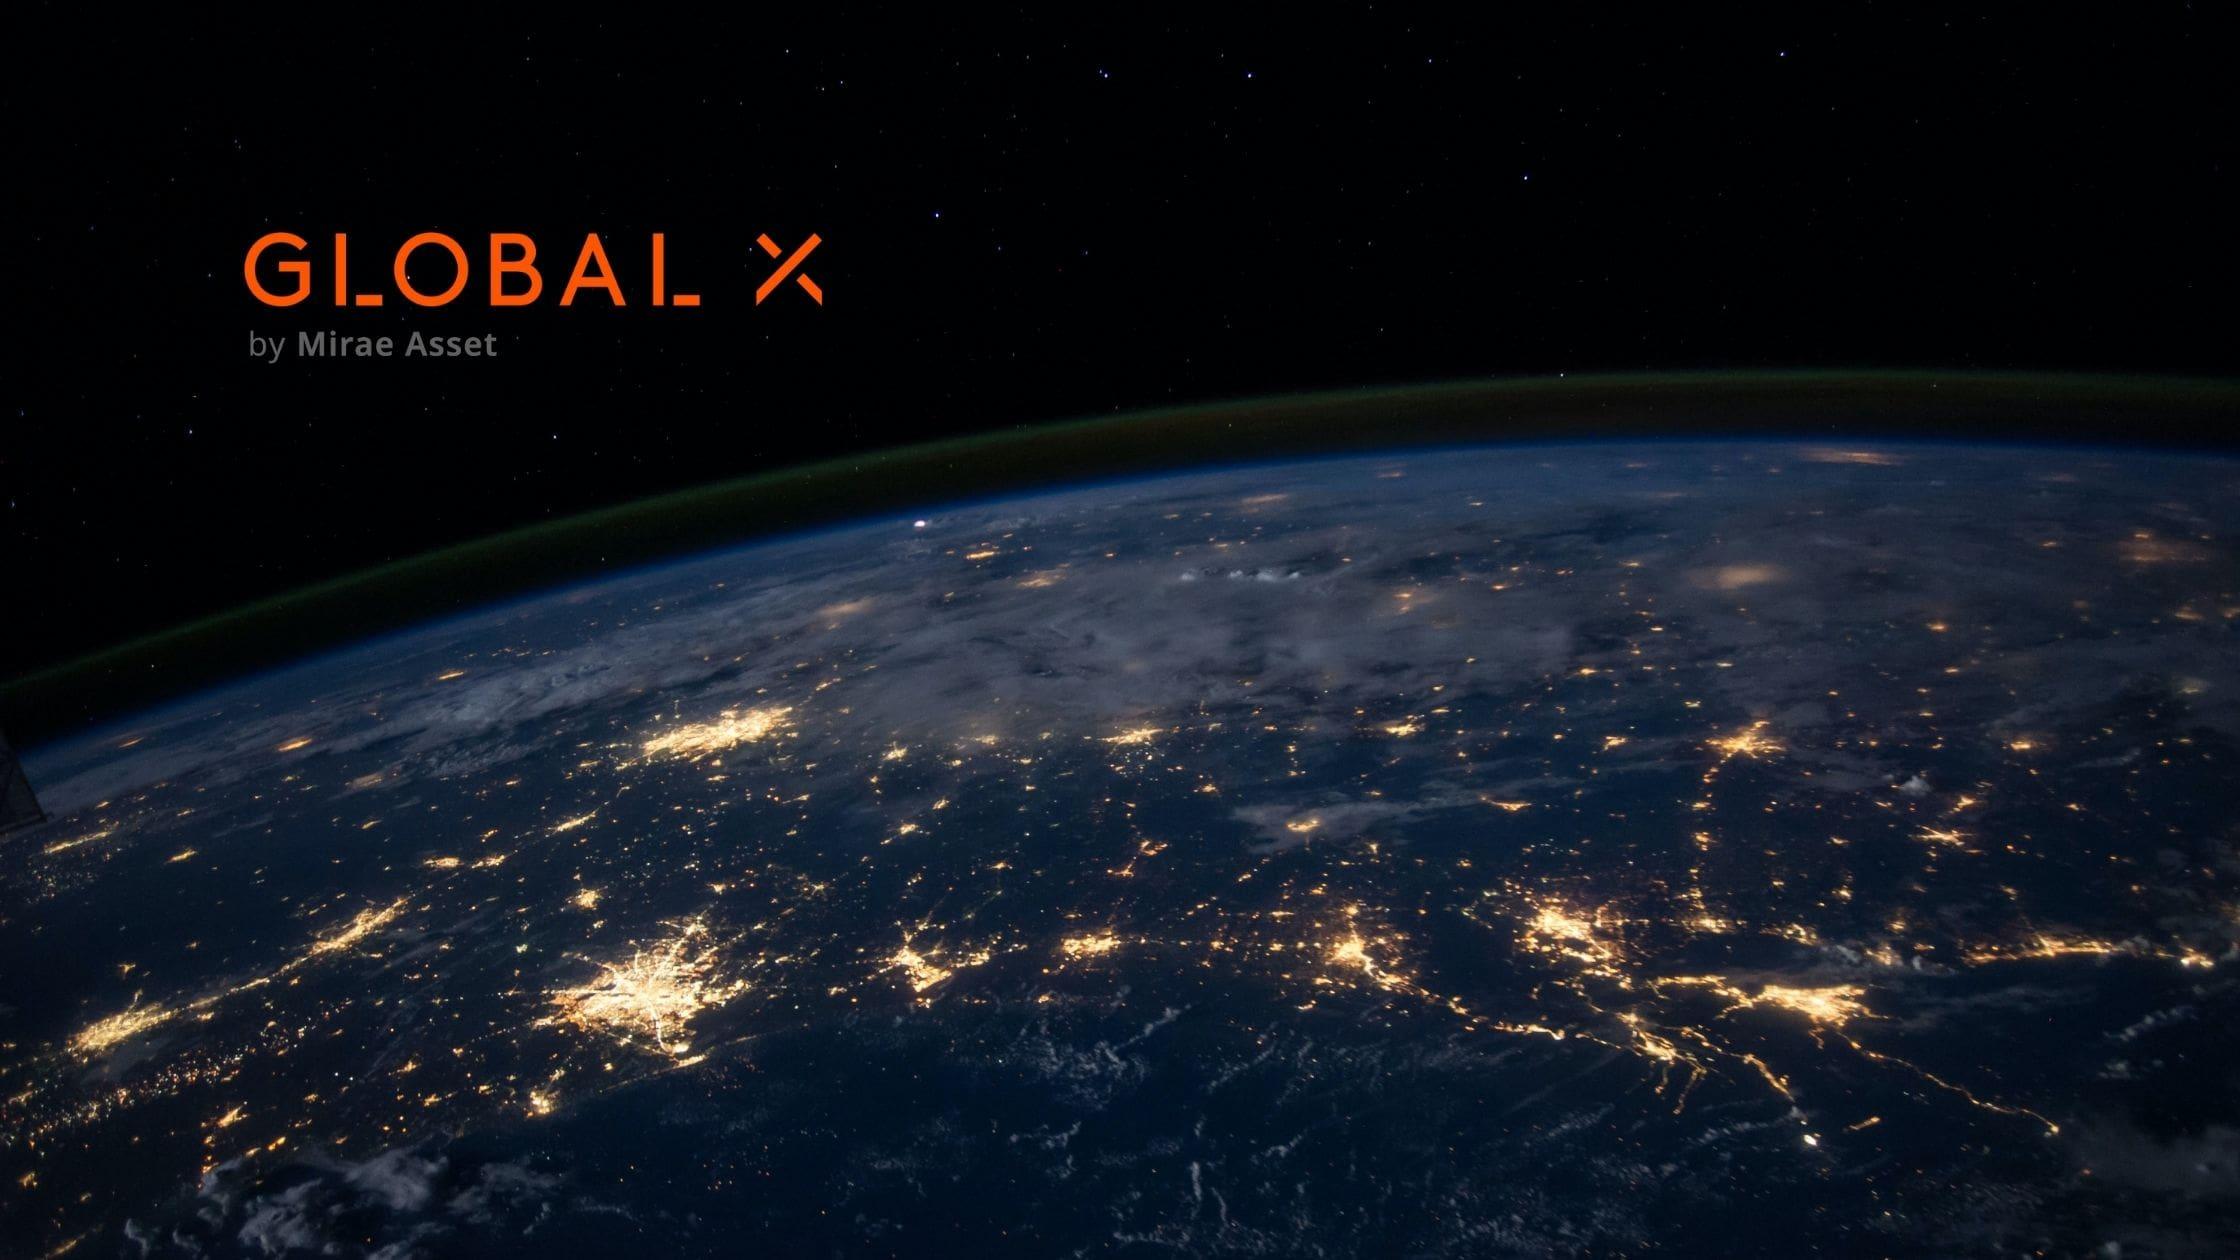 【テーマ型ETFで注目!】グローバルXってどんな会社?